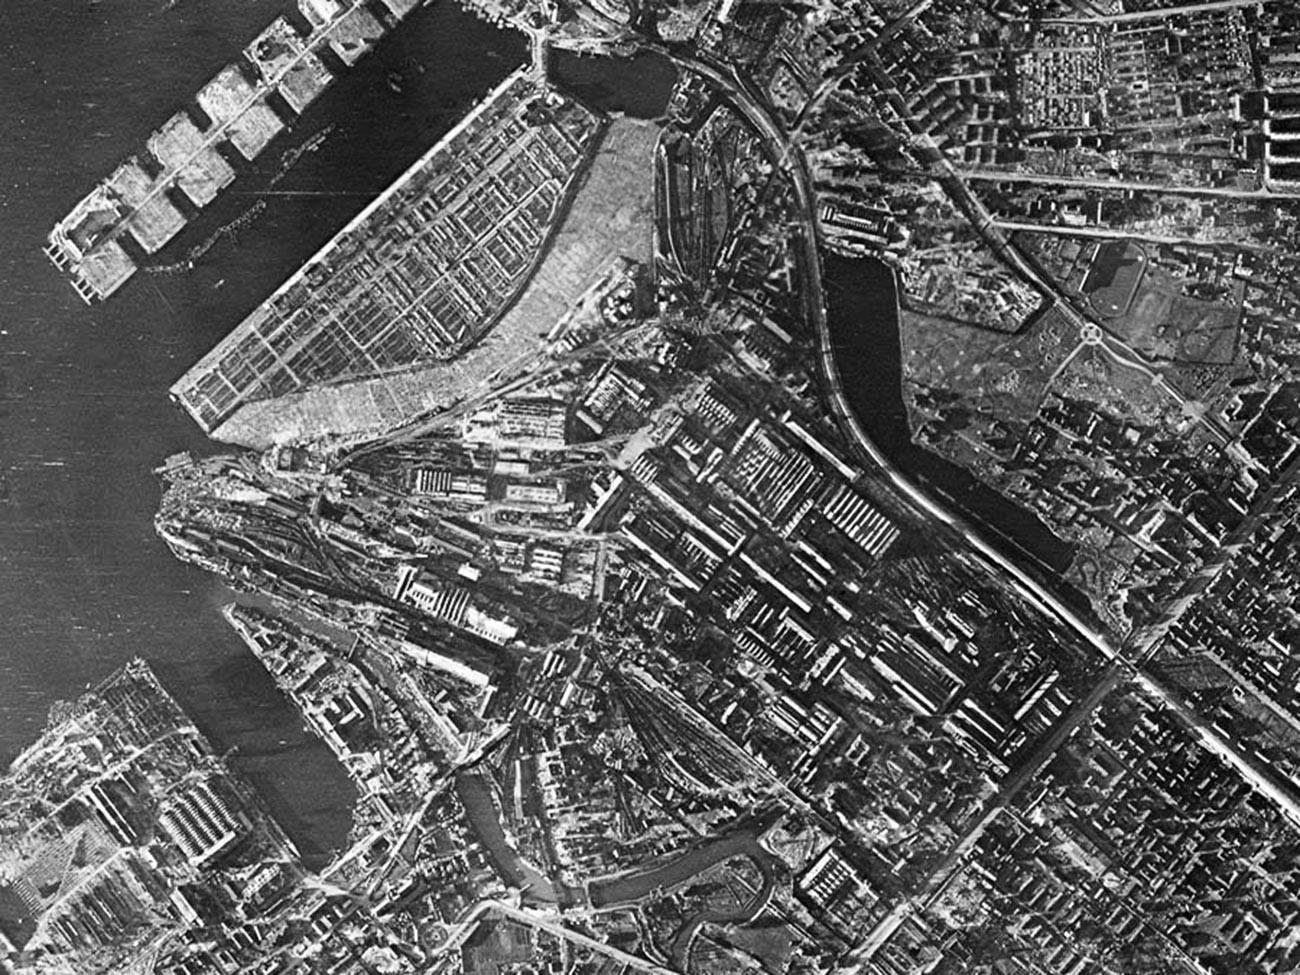 Zamaskirana Kirovska tovarna in pristanišče